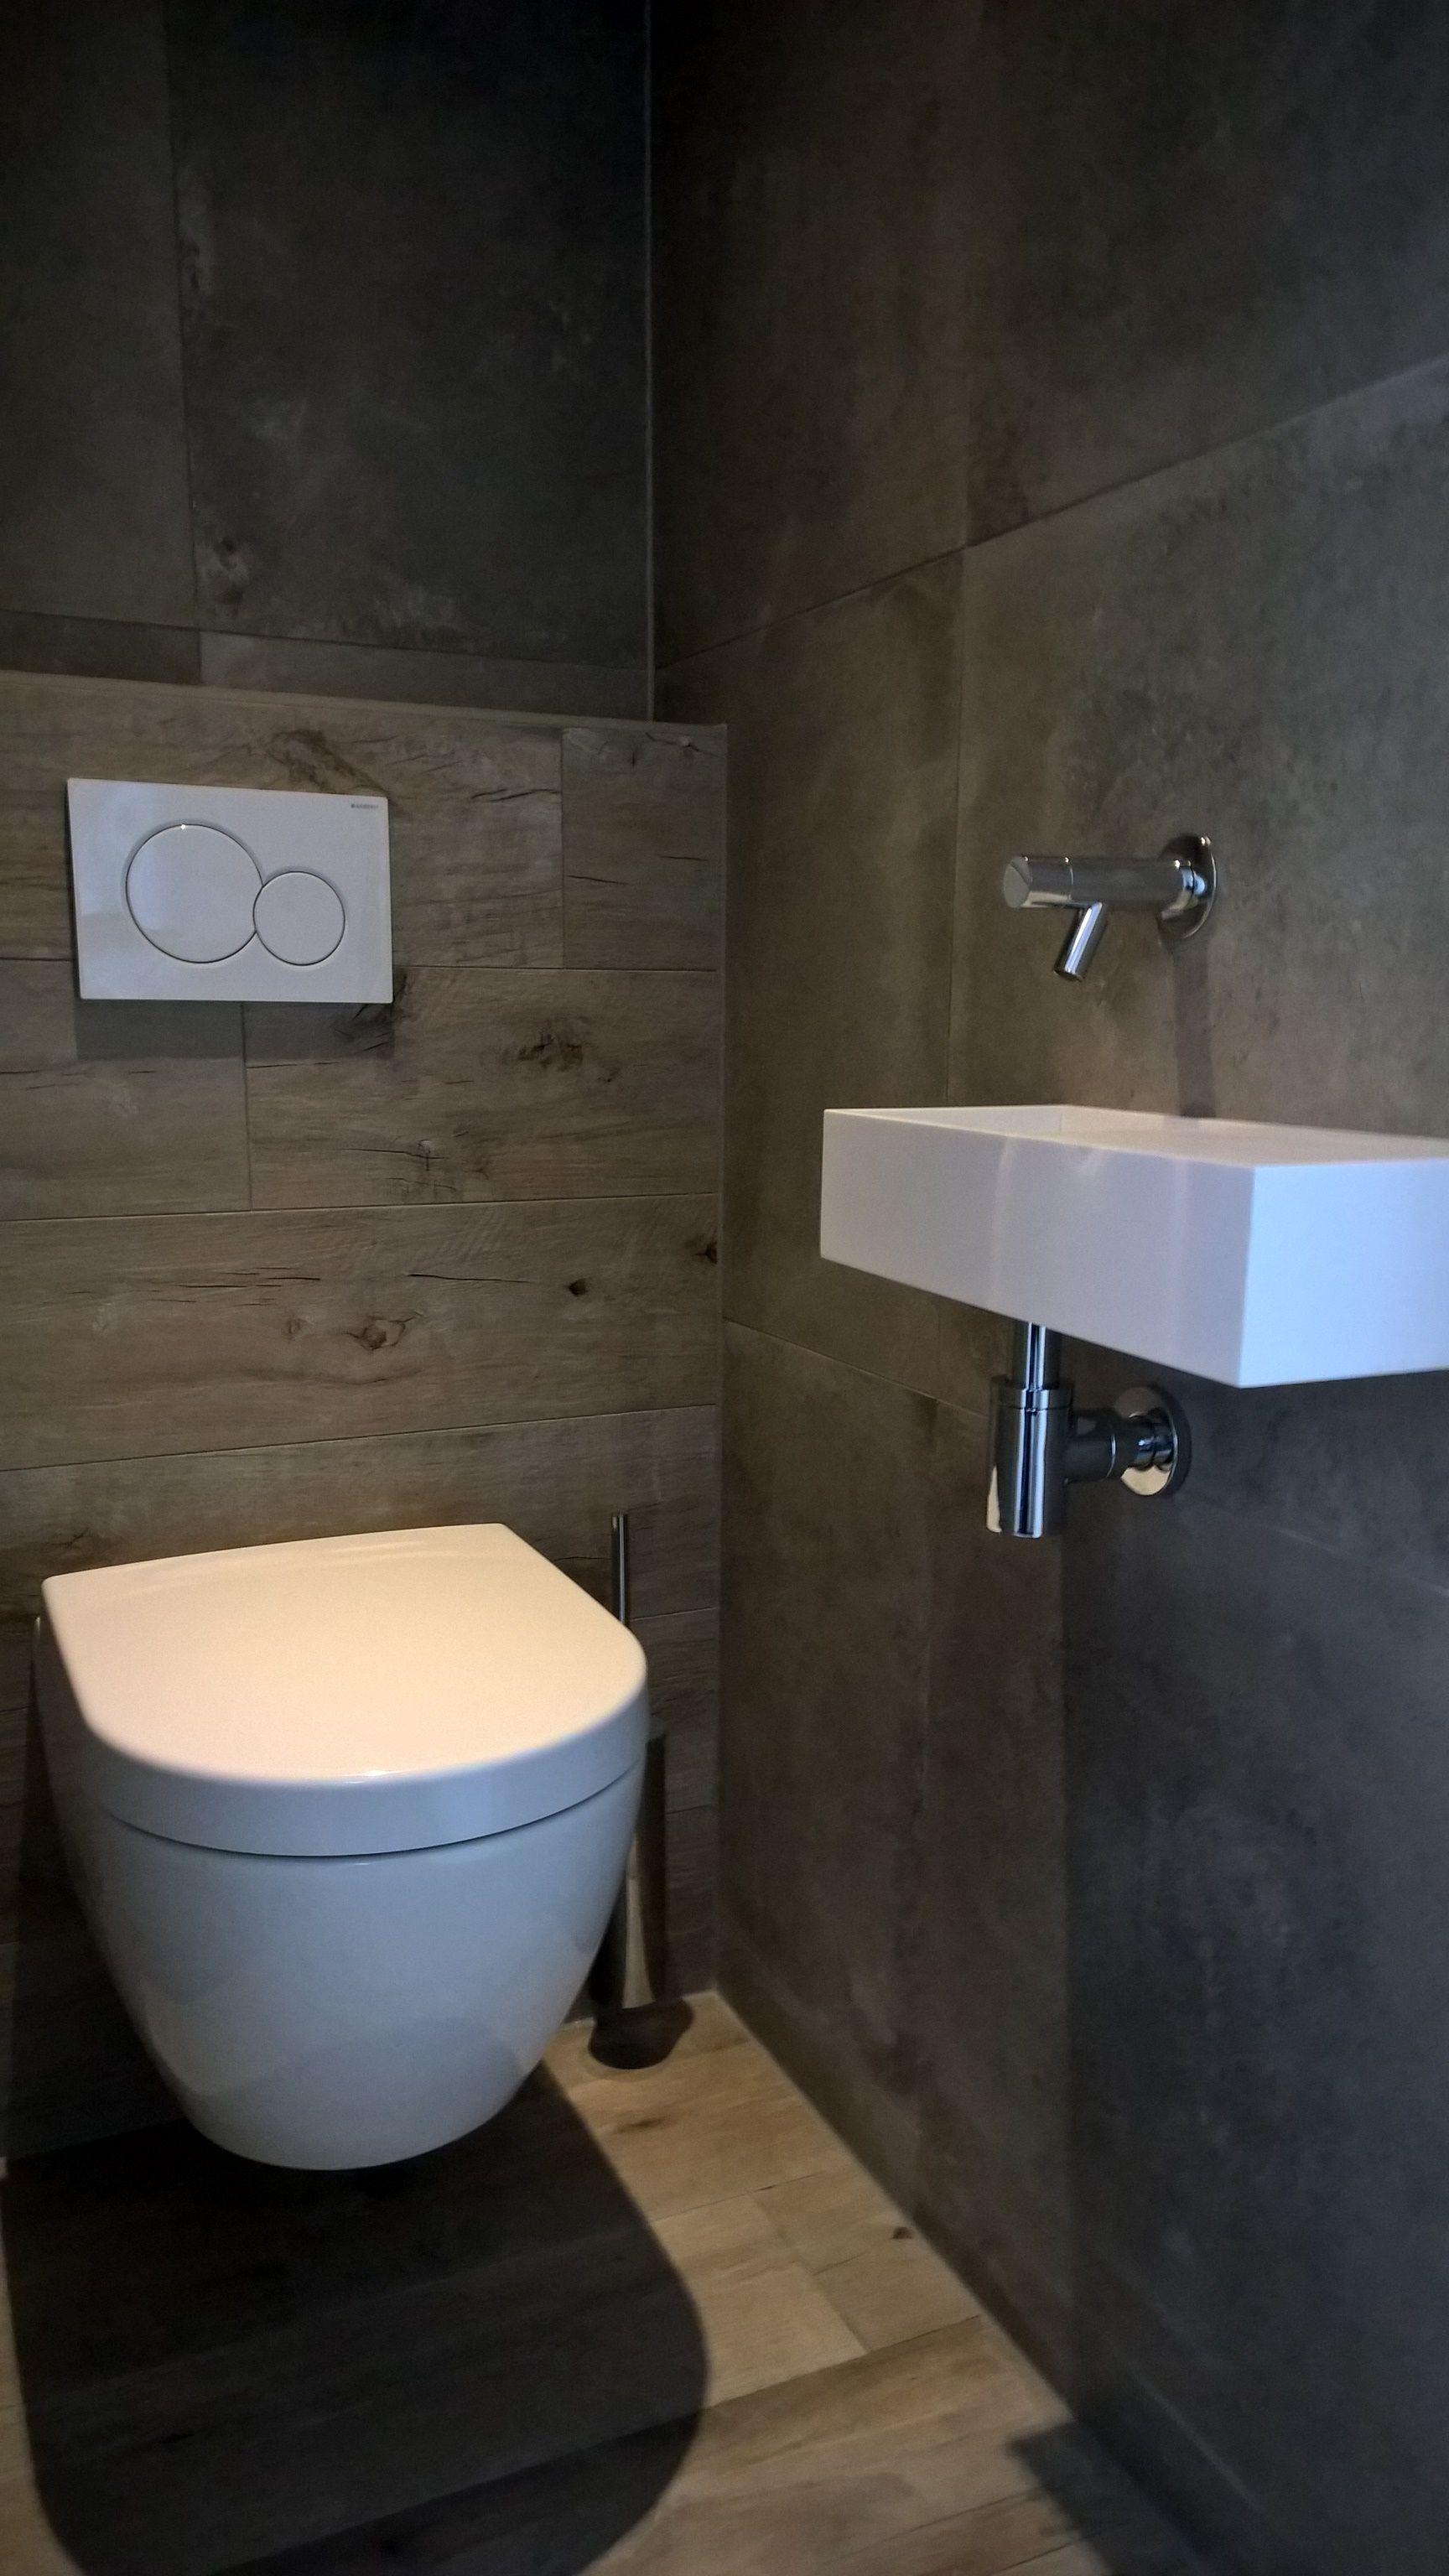 Badkamer met Houtlook tegels flaviker dakota natur en betonlook tegels flaviker ...